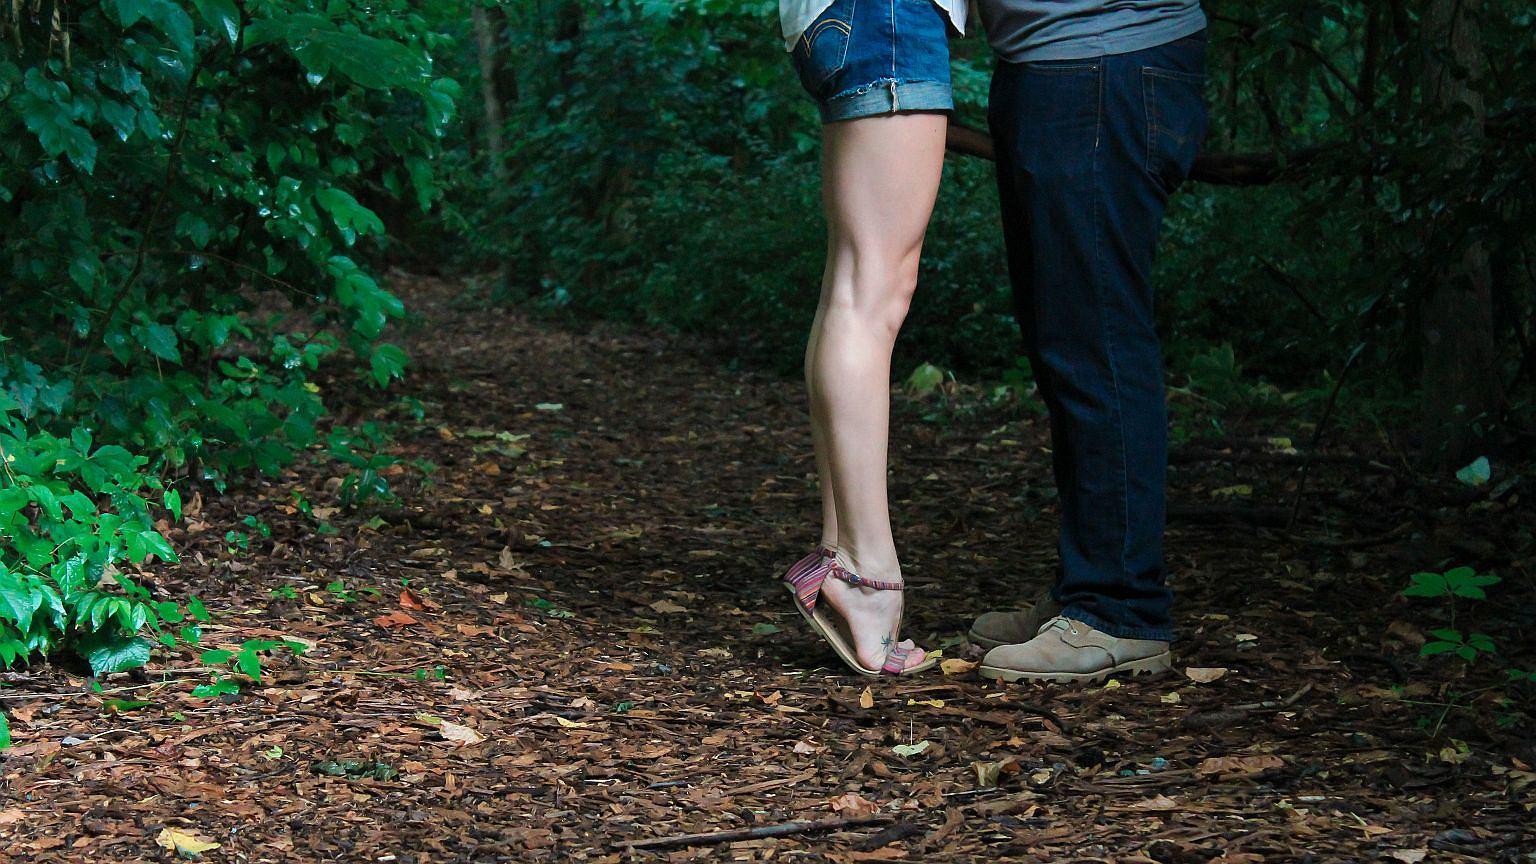 Żonaty mężczyzna umawiający się z samotną kobietą